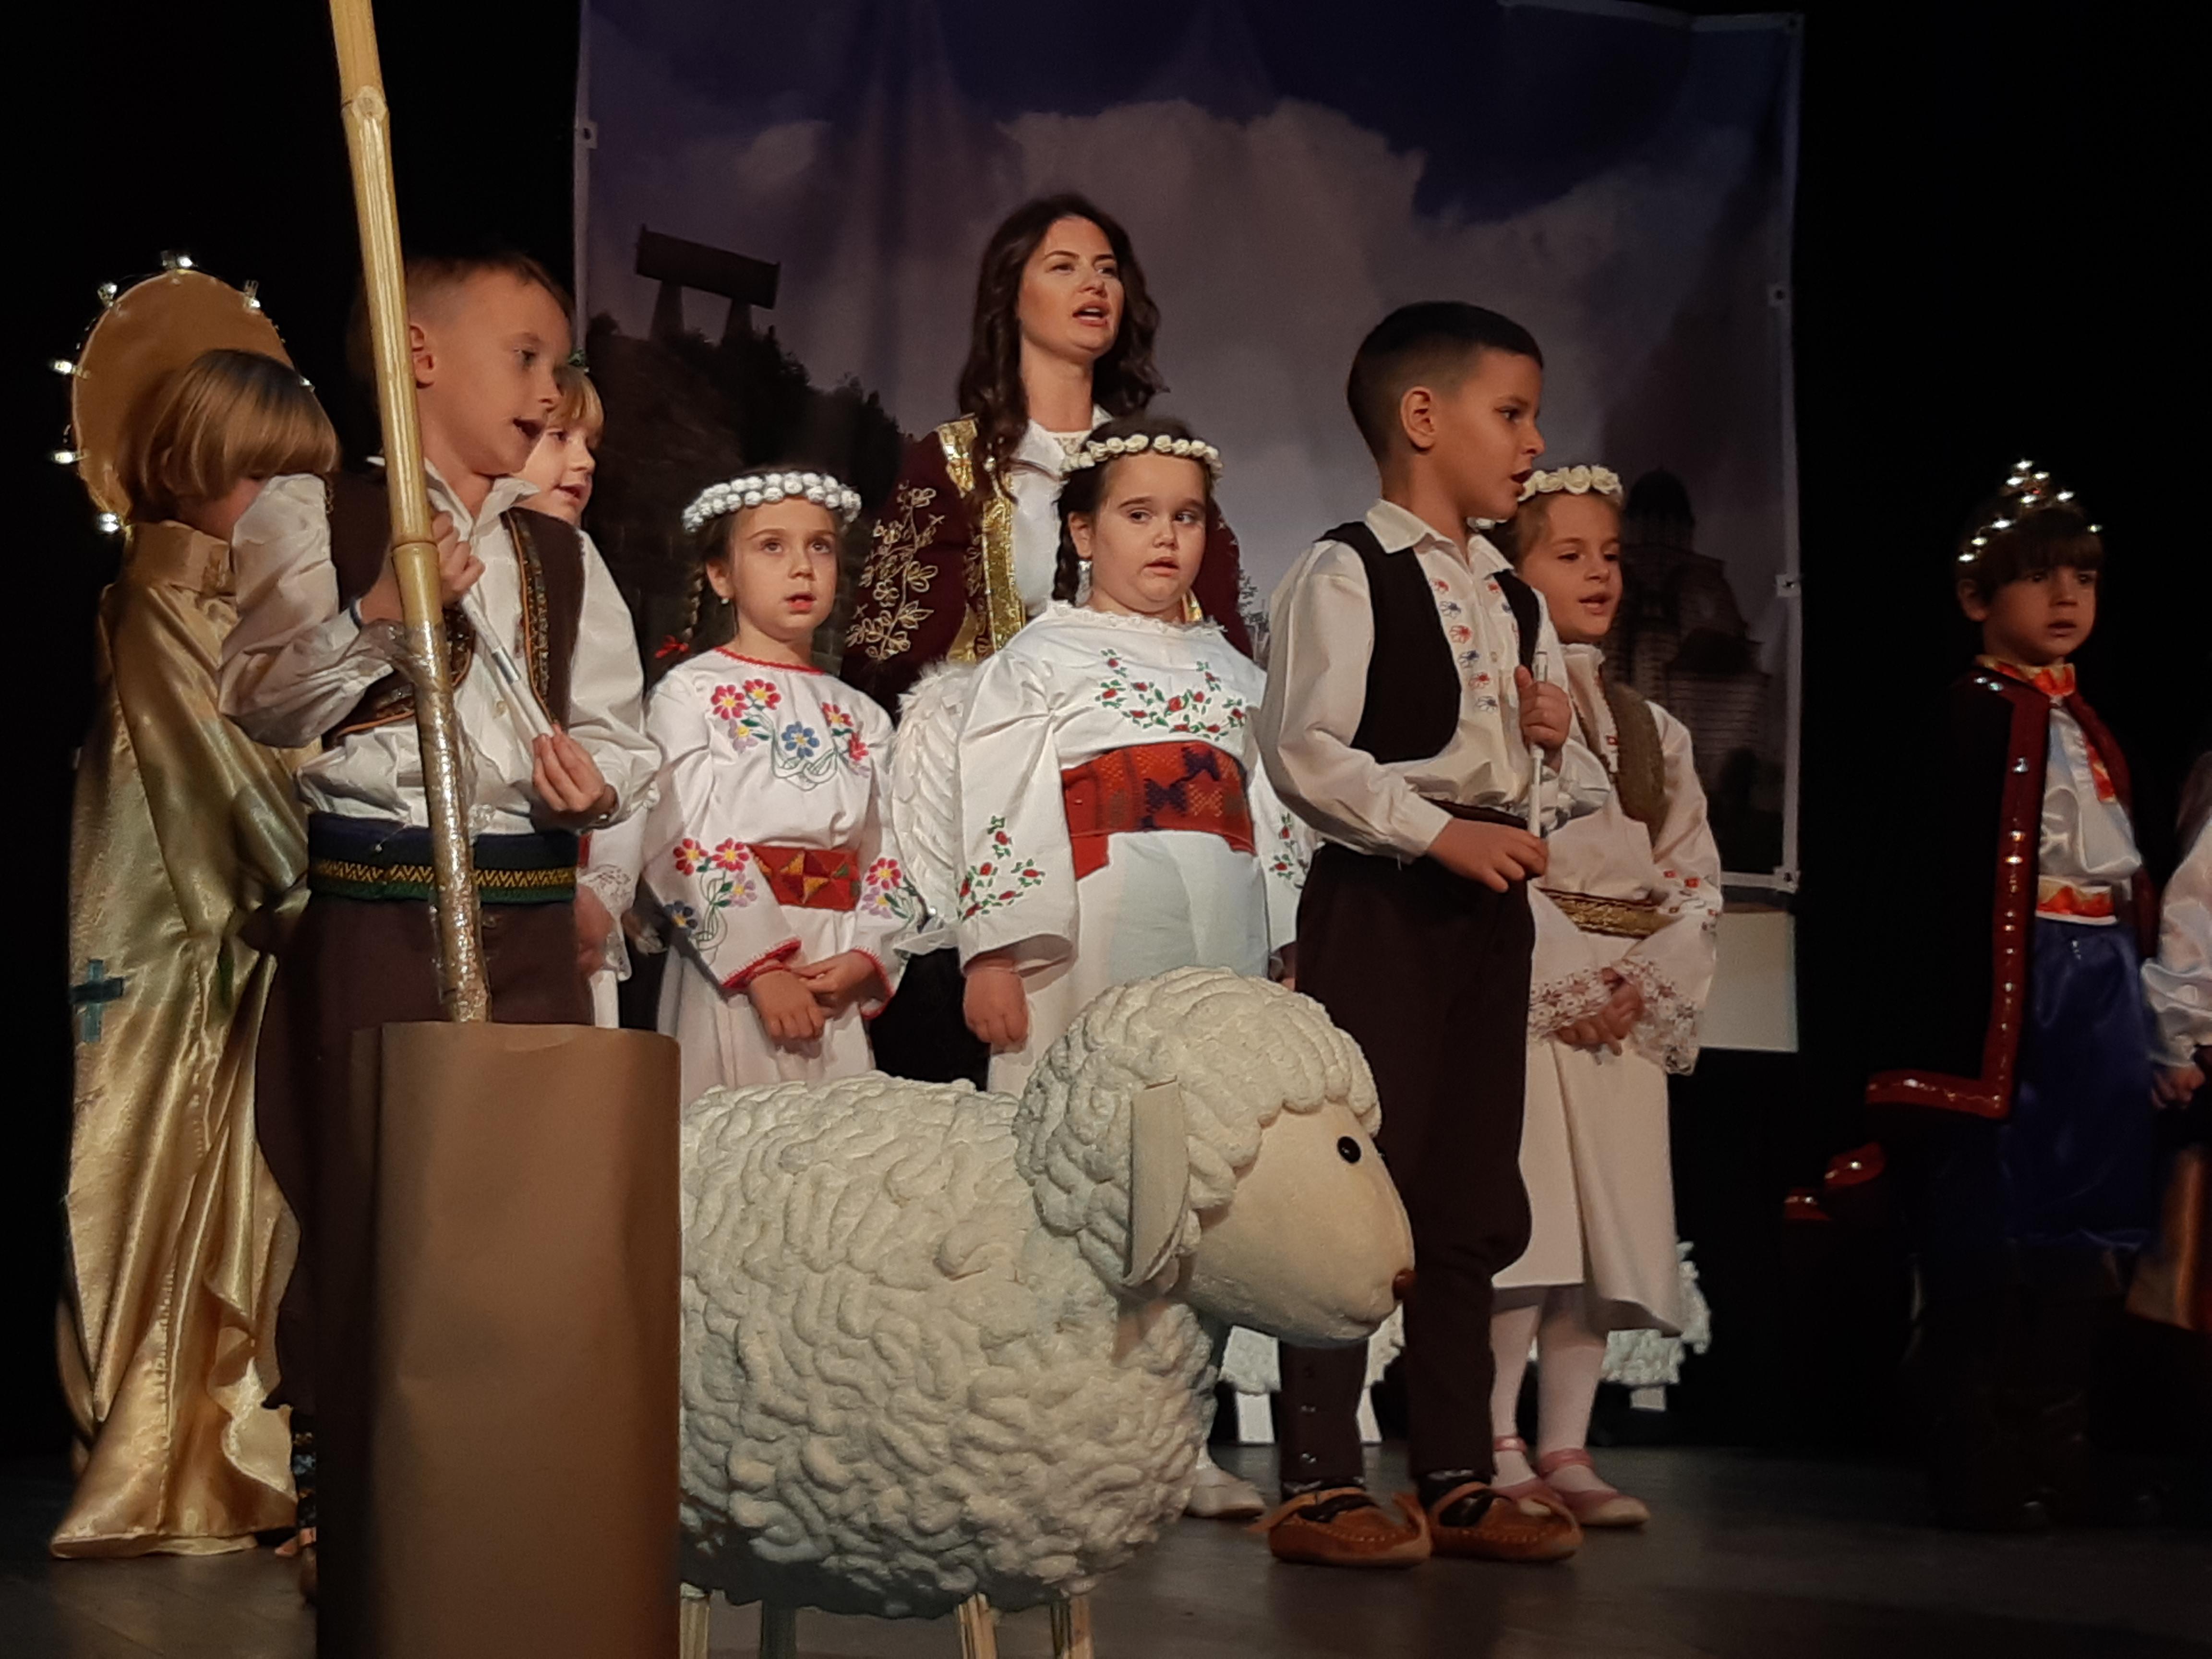 mitrovacki-predskolci-pobedili-na-festivalu-scenskih-minijatura-foto